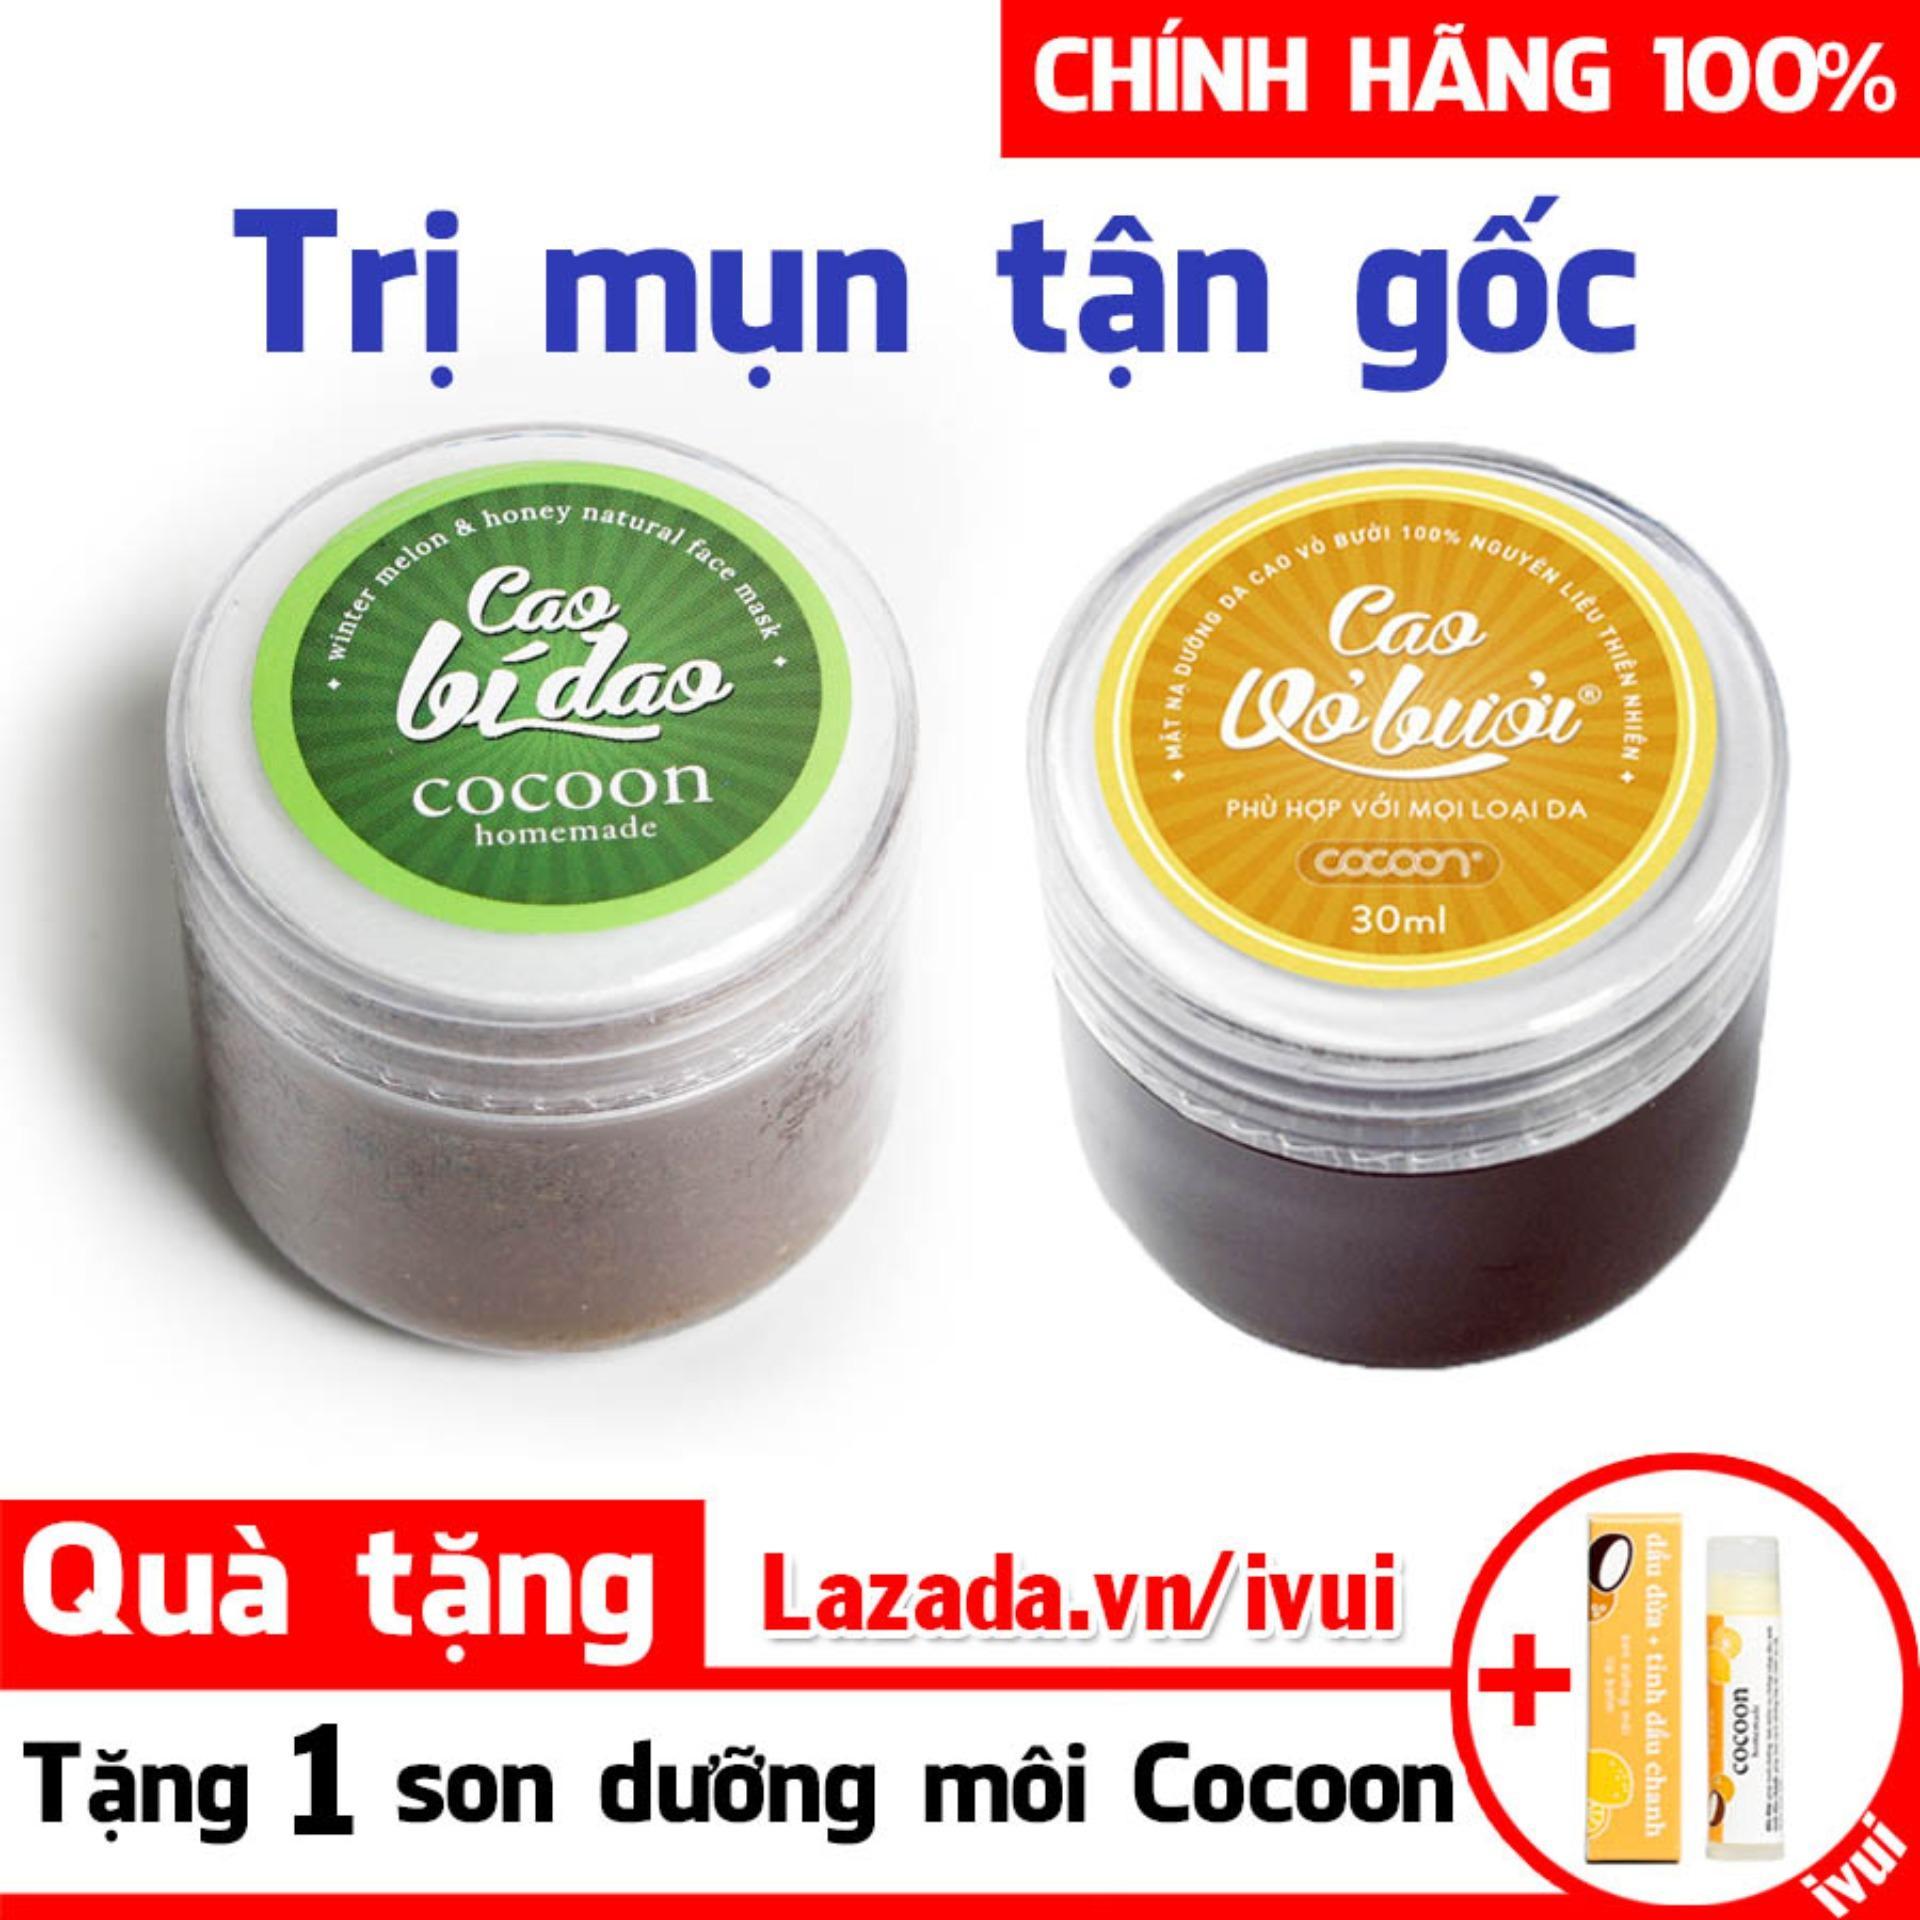 (TẶNG 1 SON DƯỠNG) Bộ Đôi Cao Bí Đao Và Cao Vỏ Bưởi Cocoon Trị Mụn, Dưỡng Da Chính Hãng (30mlx2) nhập khẩu